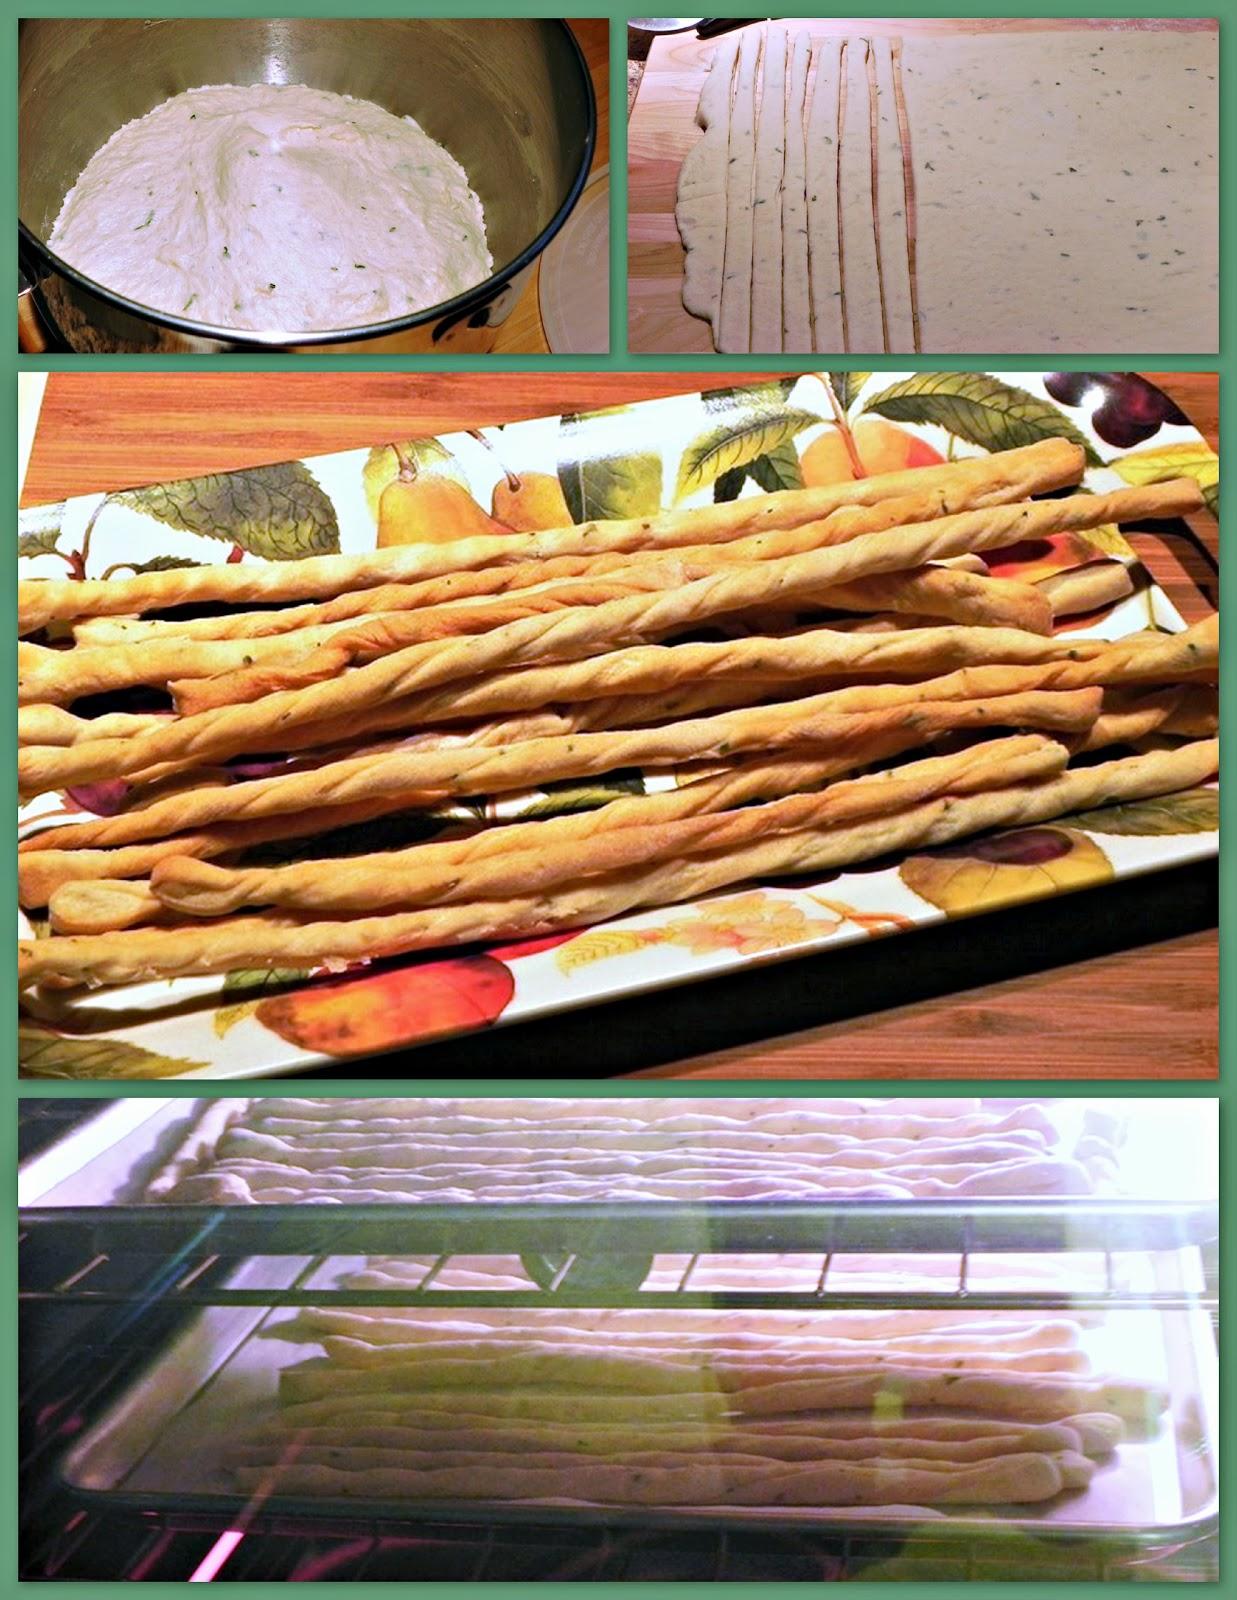 The Iowa Housewife: Crunchy Italian Bread Sticks